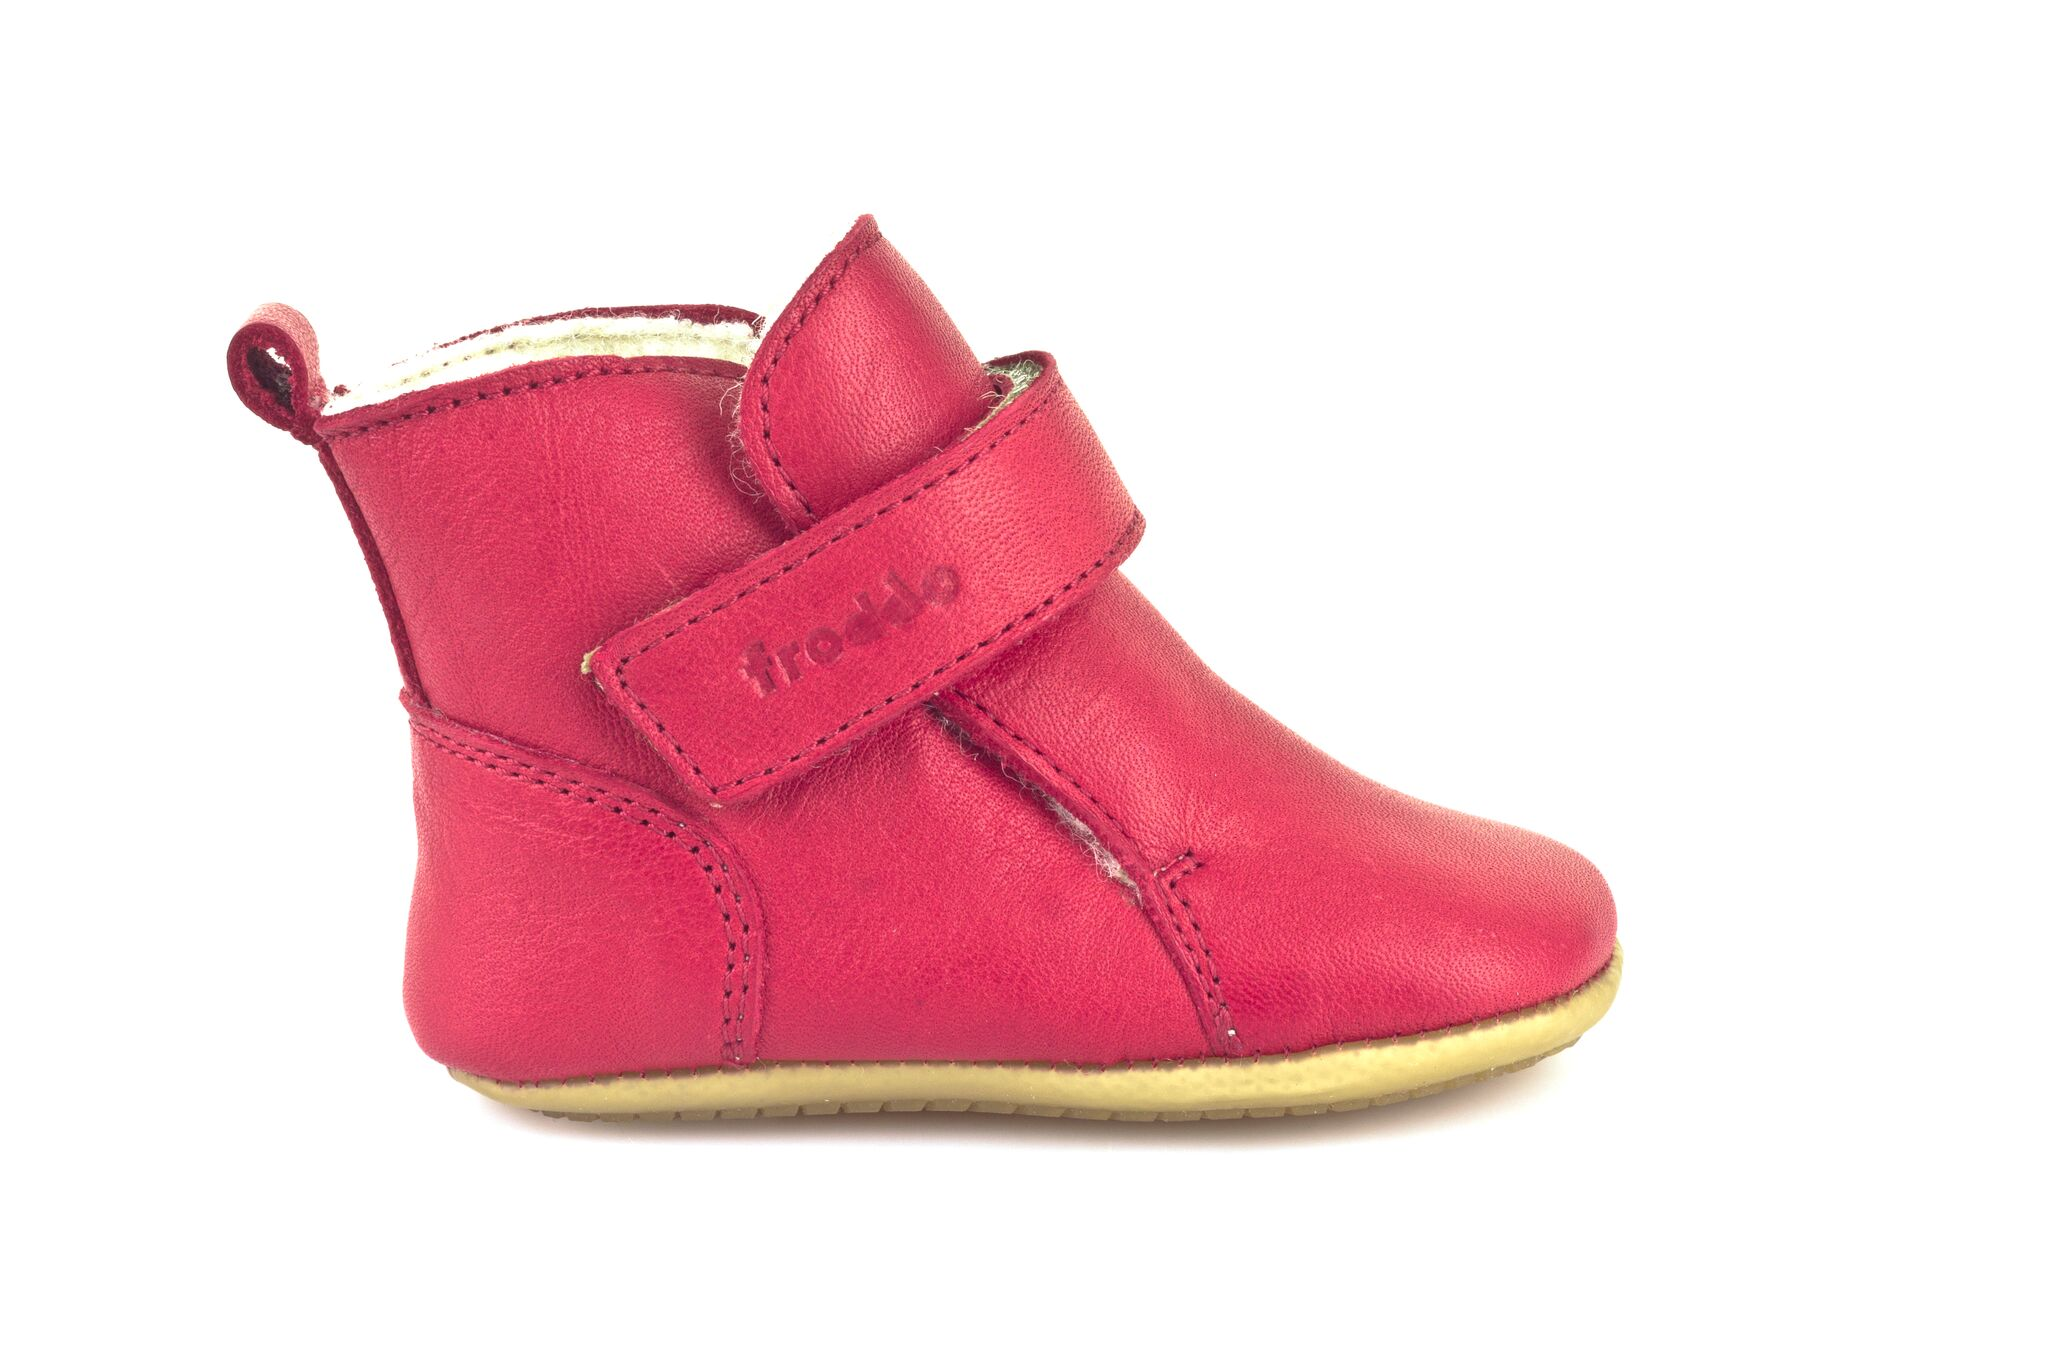 30c4bdea80 Froddo Prewalkers zimní červené G1160001-4K vel. 24. Lehounká a velmi  ohybná kožená obuv.